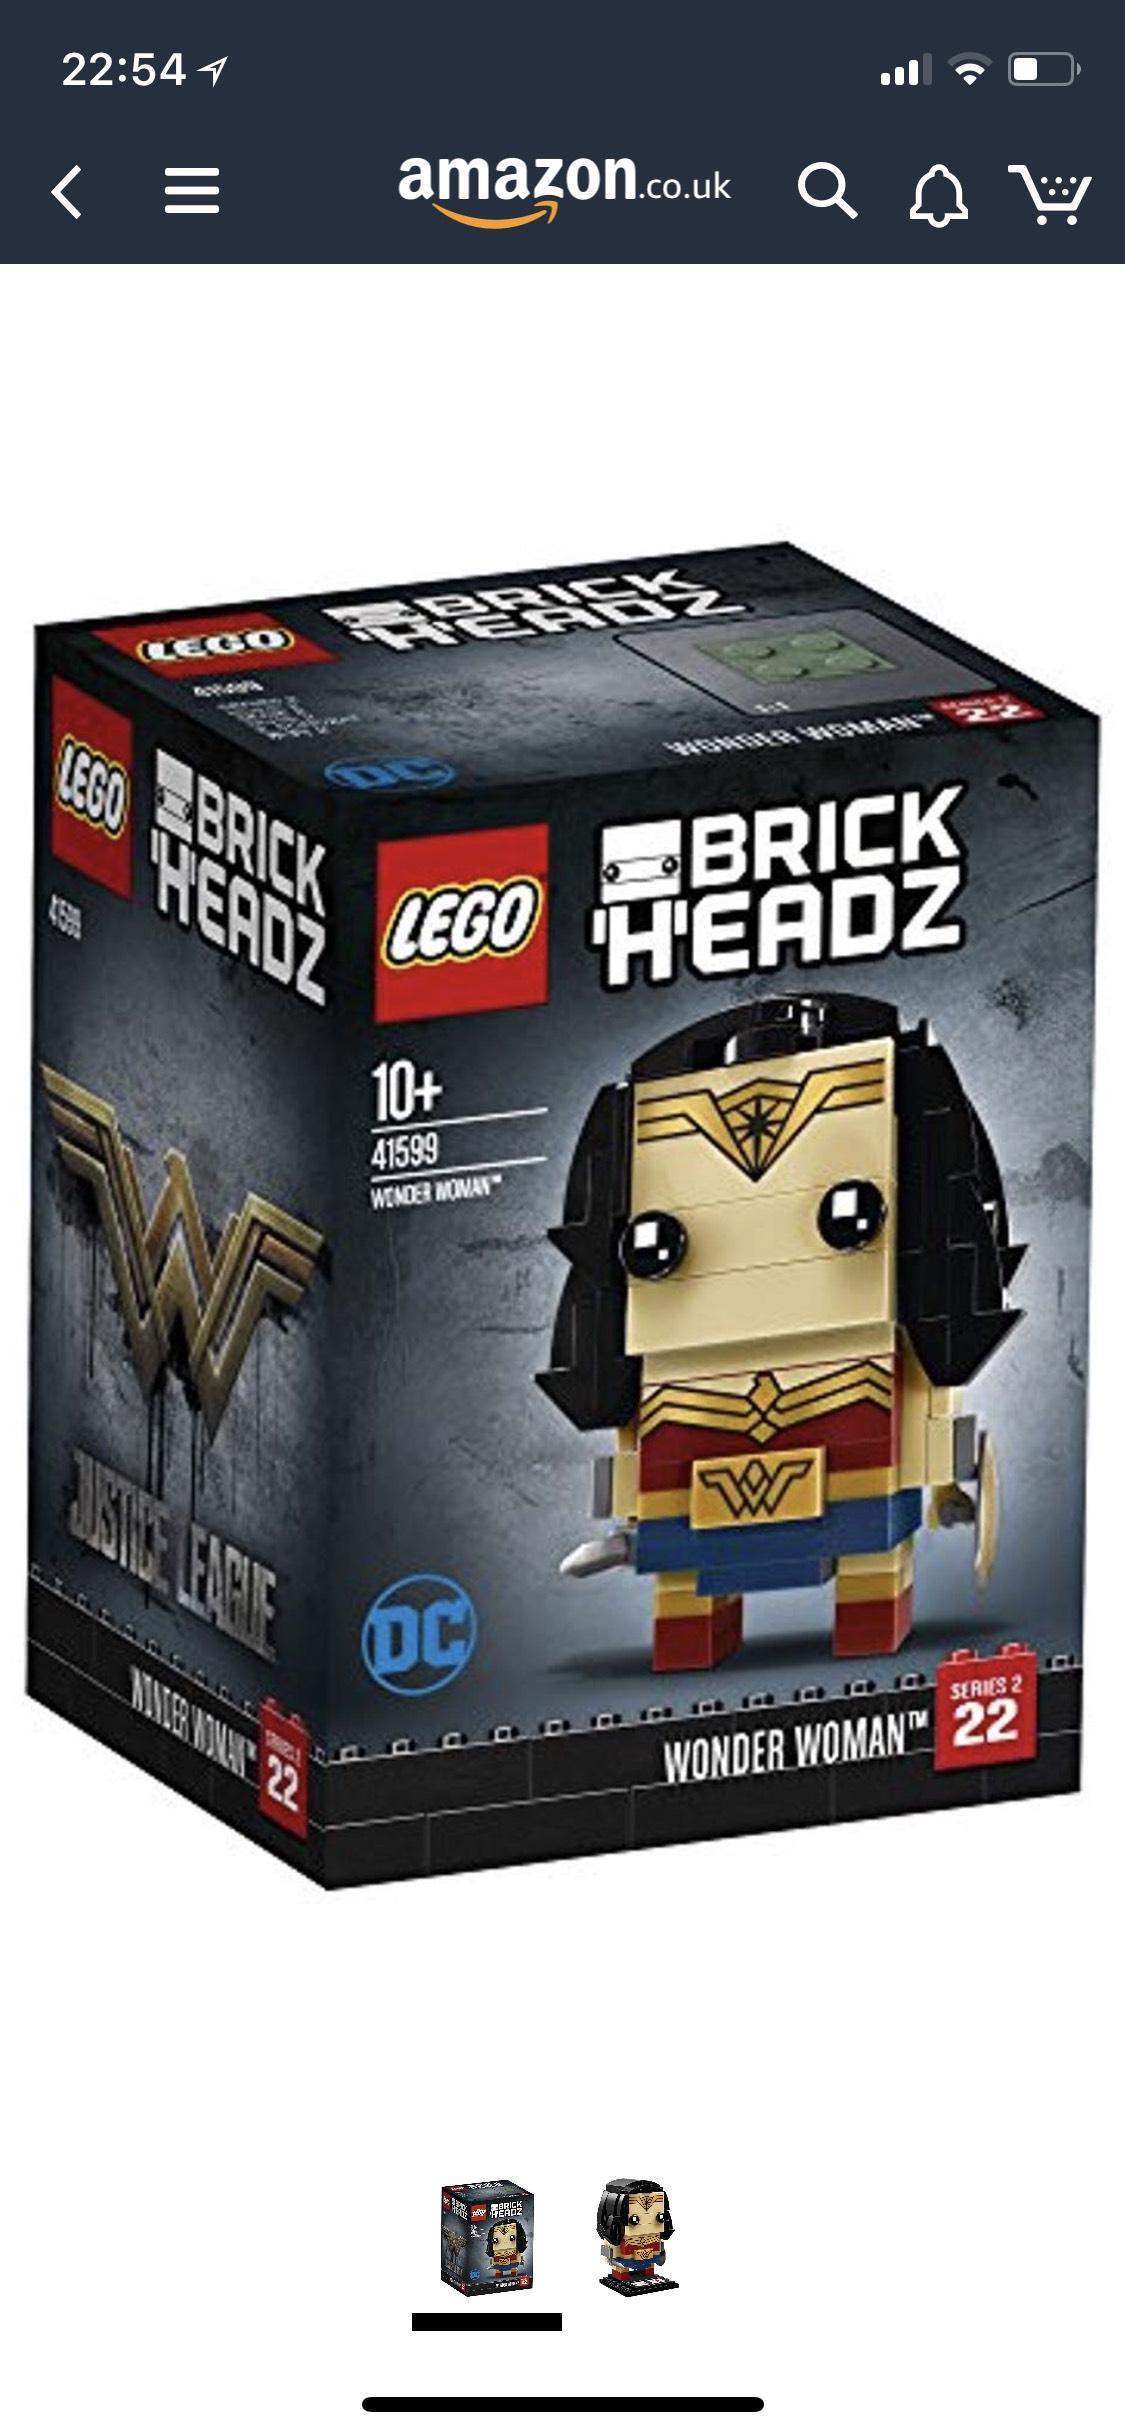 LEGO UK 41599 BrickHeadz Wonder Woman Popular @ Amazon - £3 Prime / £7.95 non-Prime